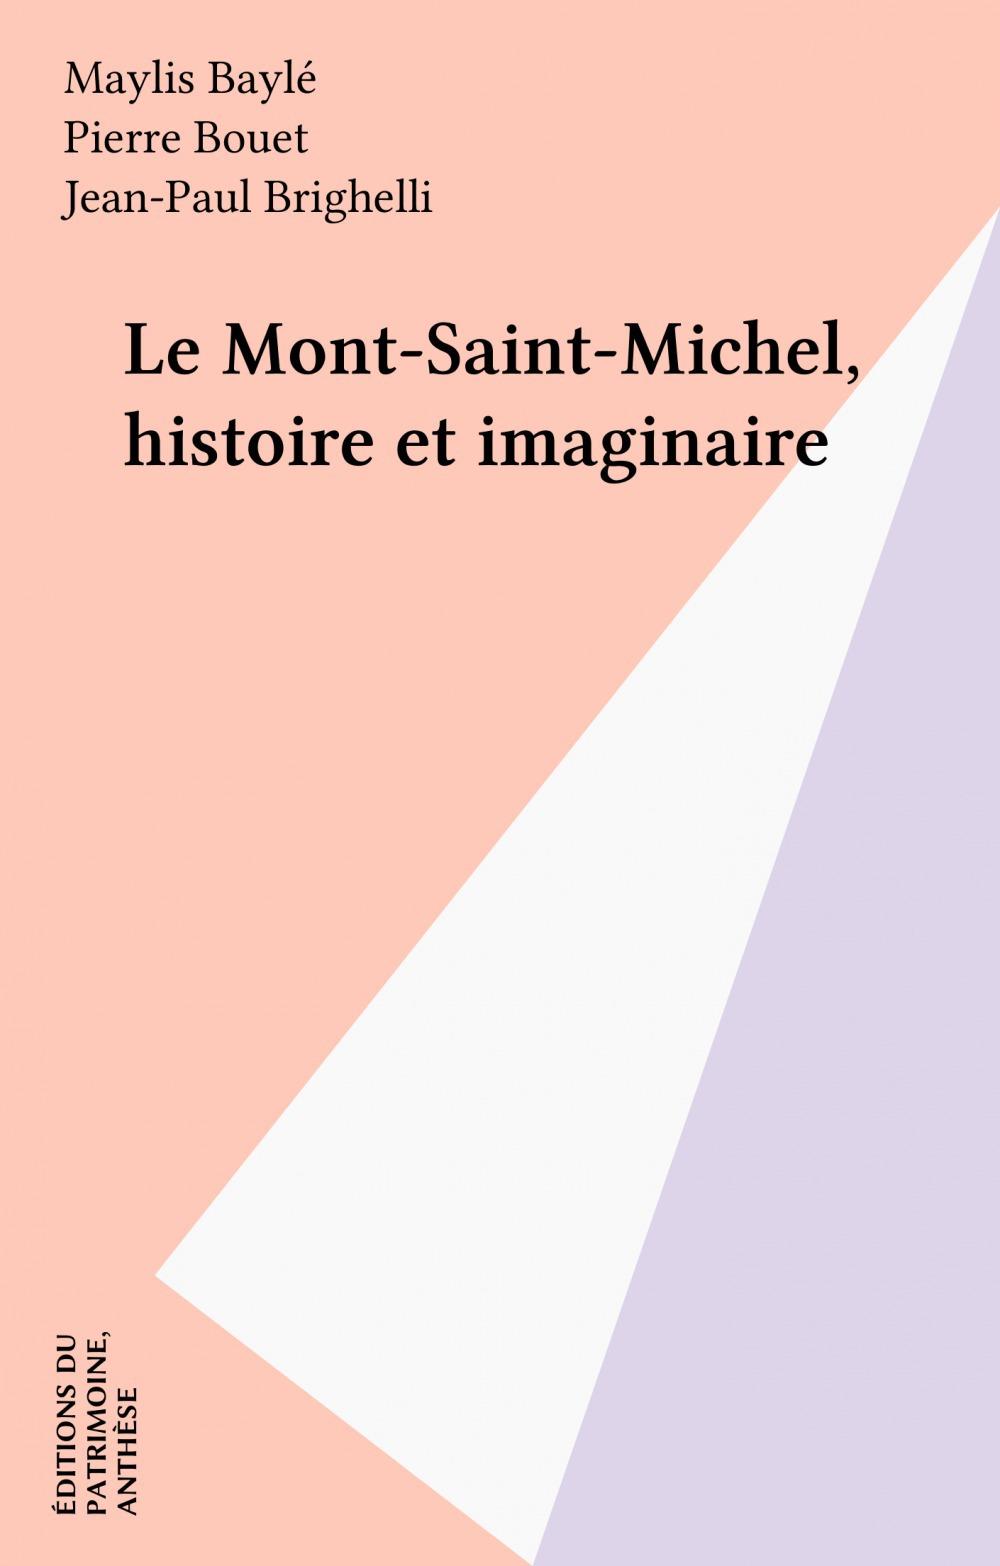 Le mont saint-michel ; histoire et imaginaire